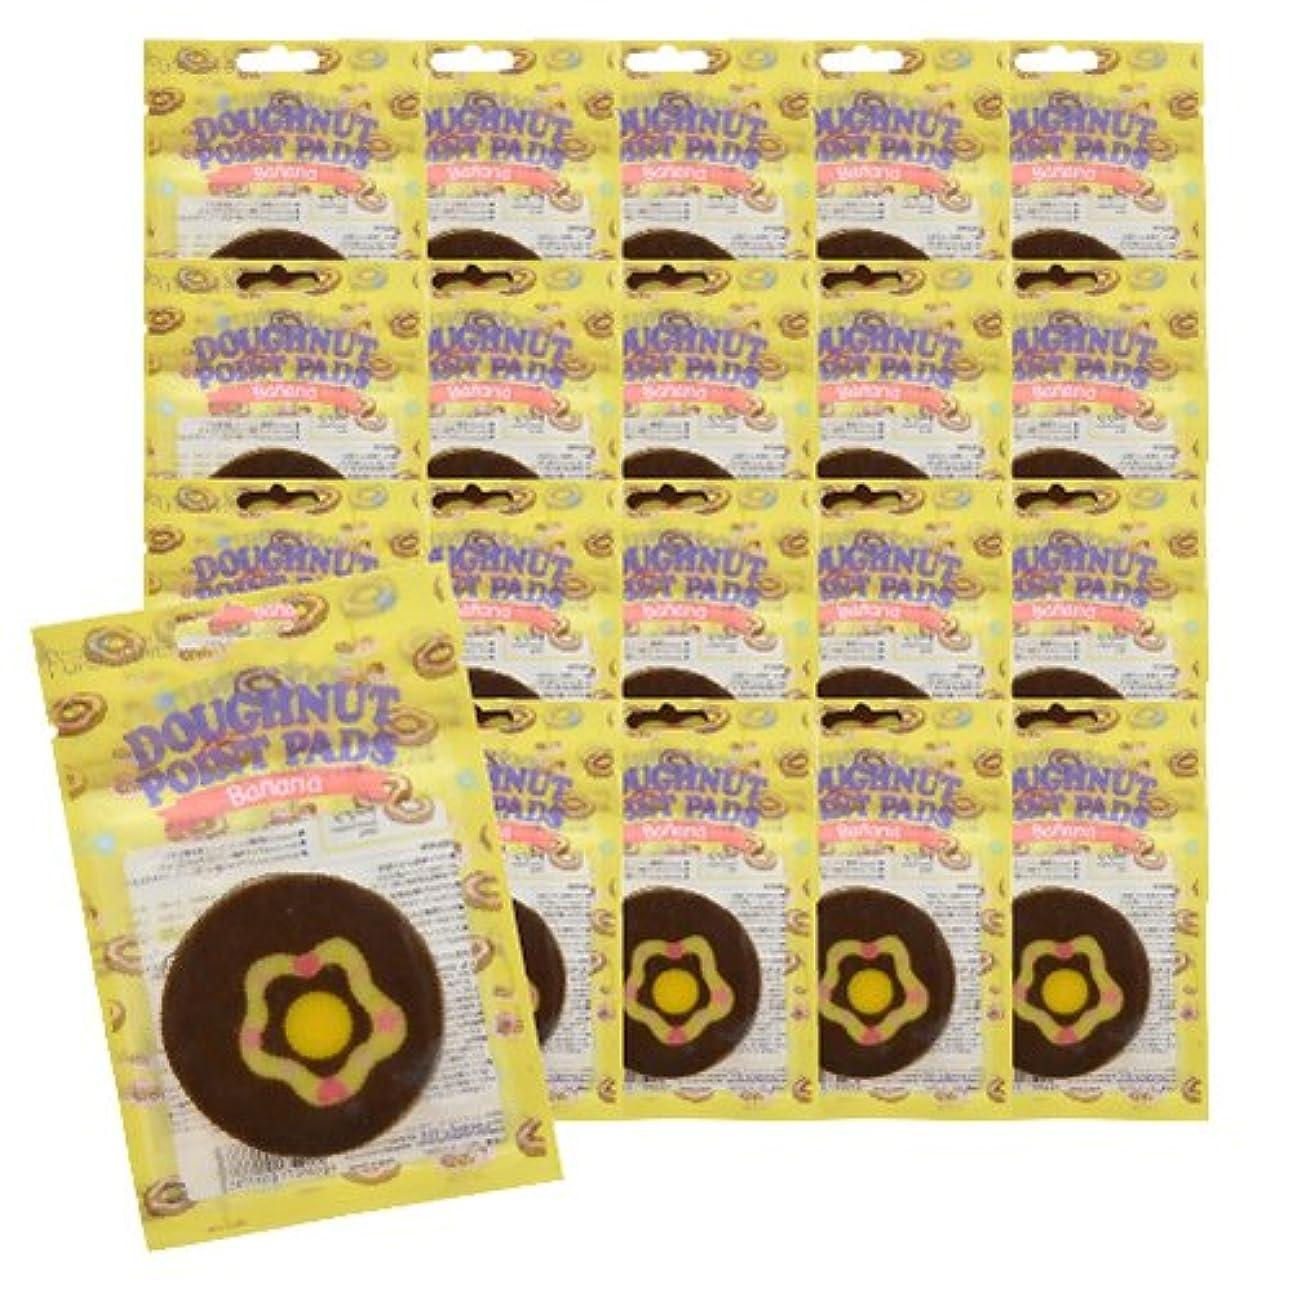 シャイニングストローク泥棒ピュアスマイル スイートドーナツポイントパッド バナナ 20枚パック